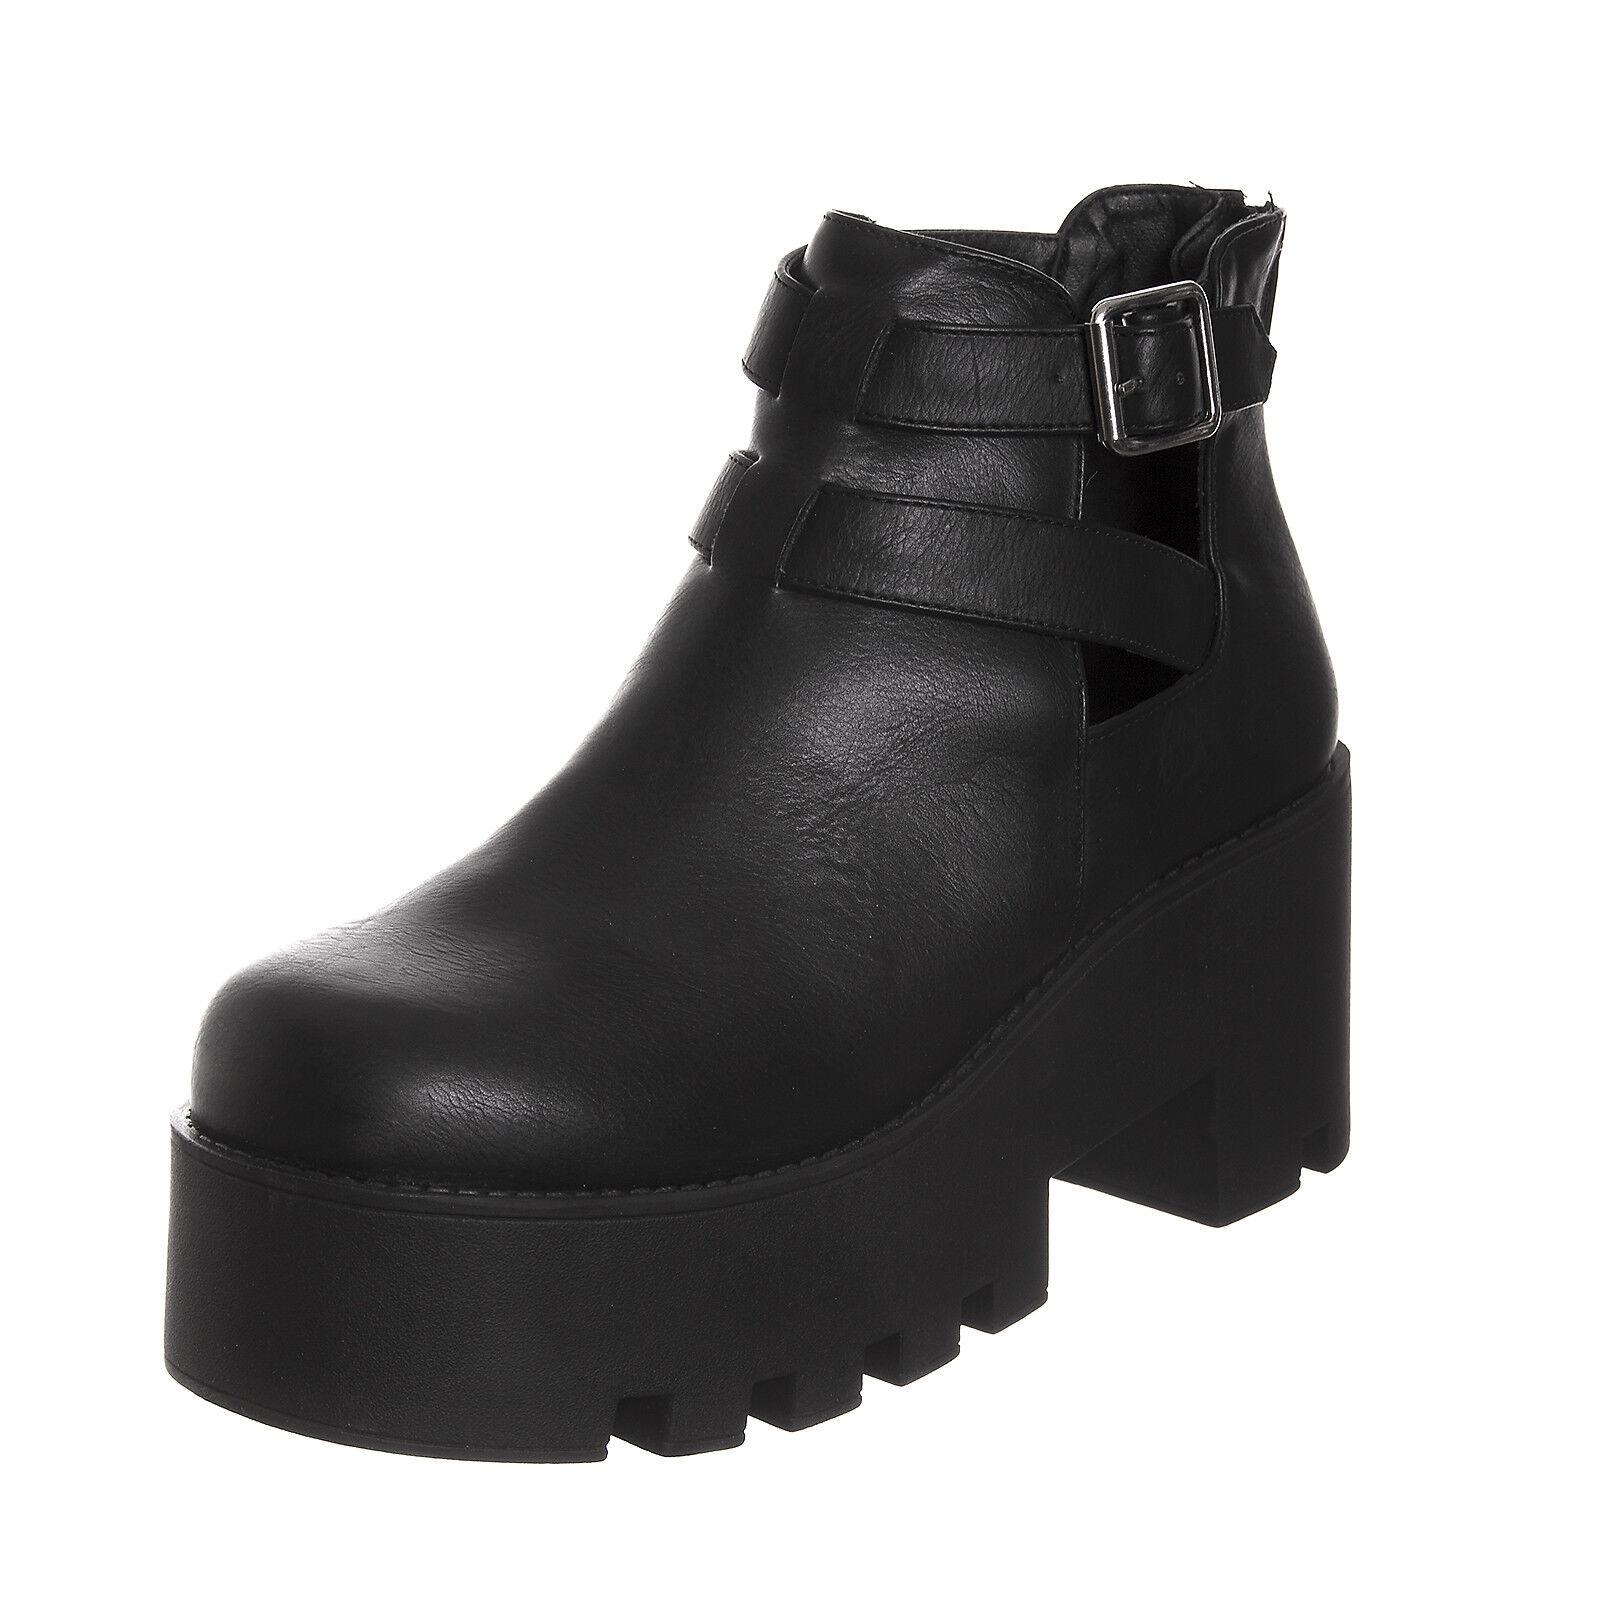 Lipstick scarpe stivaletto Puffy-3 nero nero | Aspetto estetico  | Uomo/Donna Scarpa